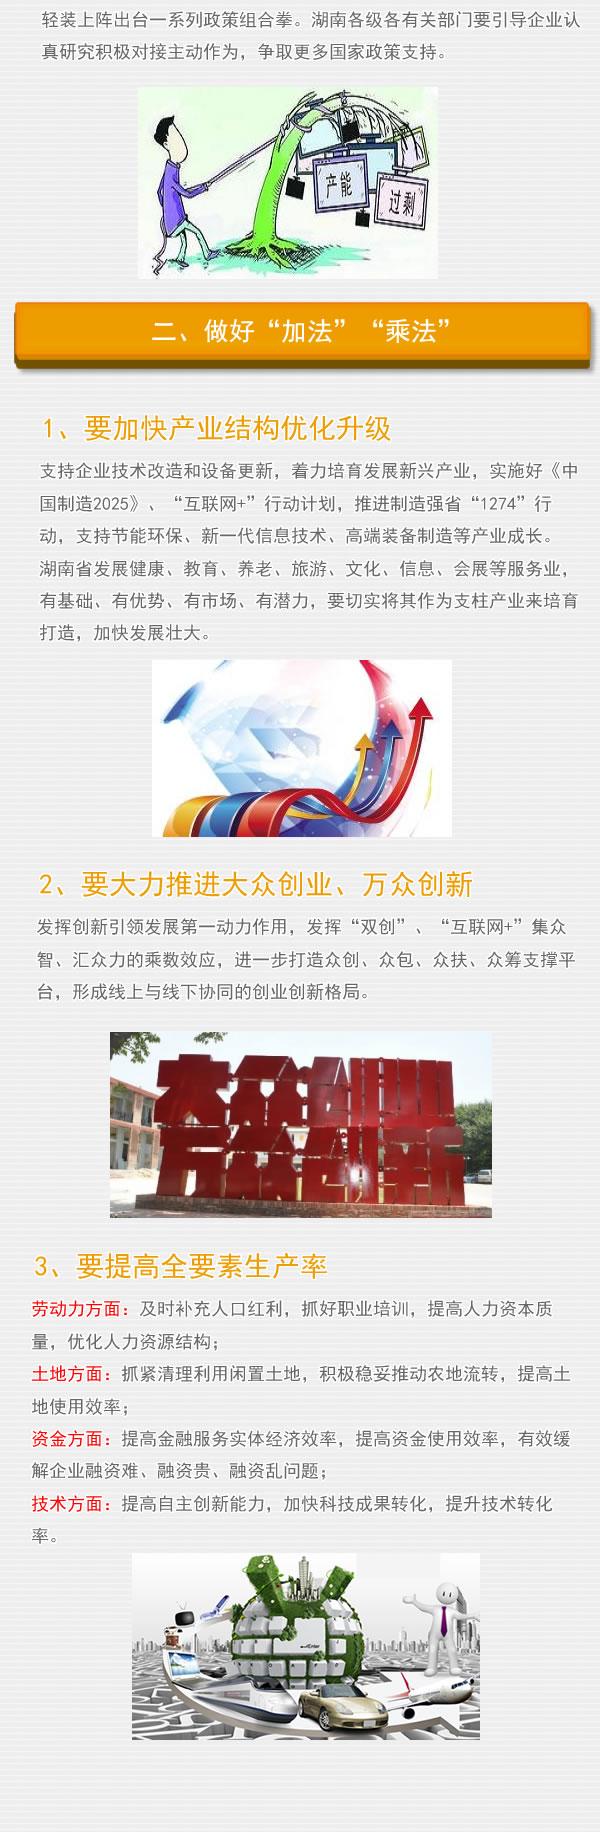 2018年湖南省供给侧改革方案全文,湖南省供给侧改革方案出台